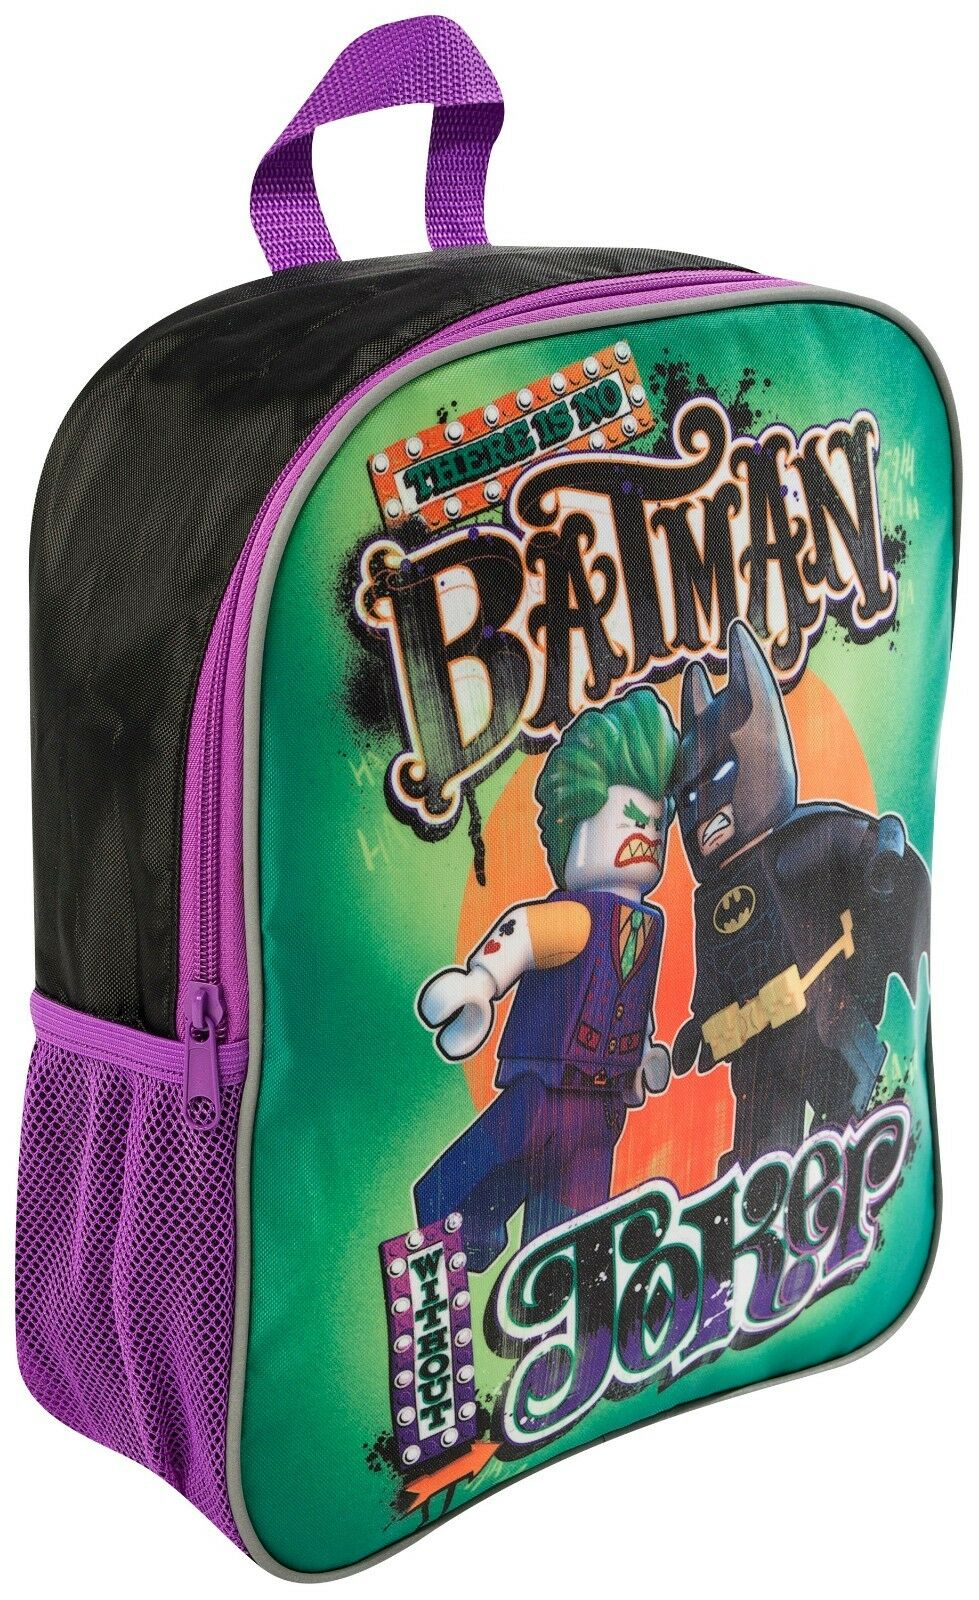 4225be9e3fae Details about KIDS CHILDRENS LEGO BATMAN VS JOKER JUNIOR BACKPACK SCHOOL  TRAVEL RUCKSACK BAG